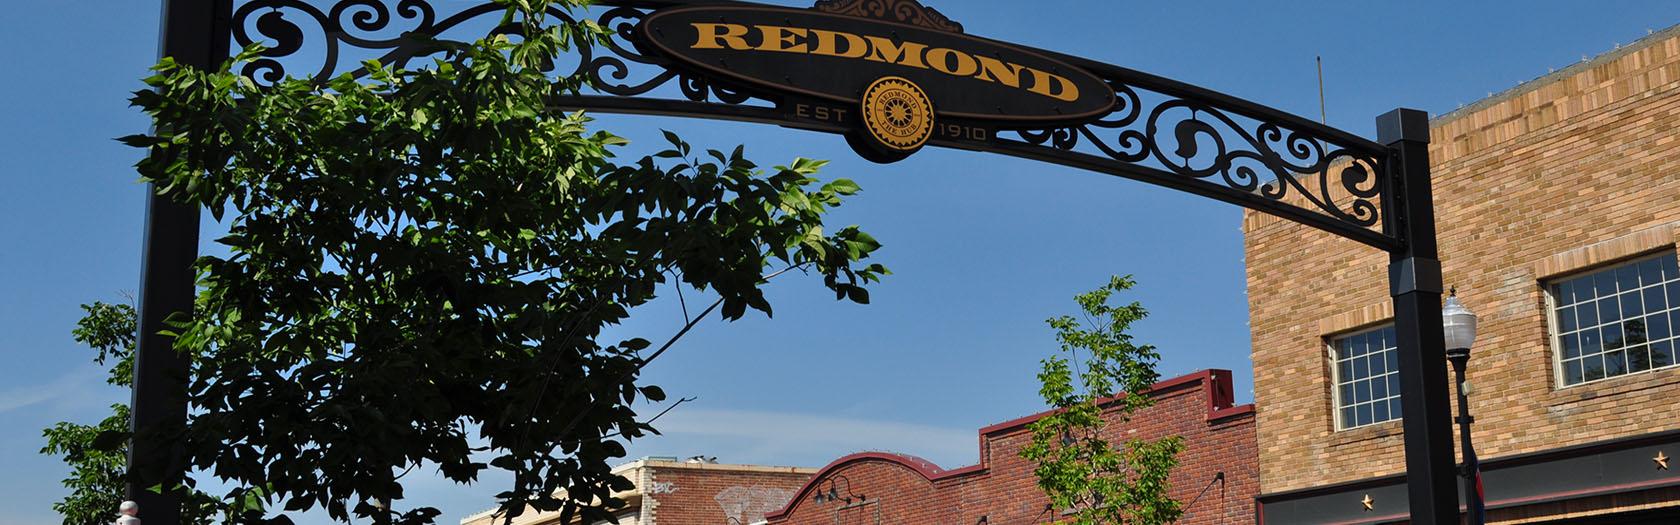 FIELDSTONE CROSSING Redmond